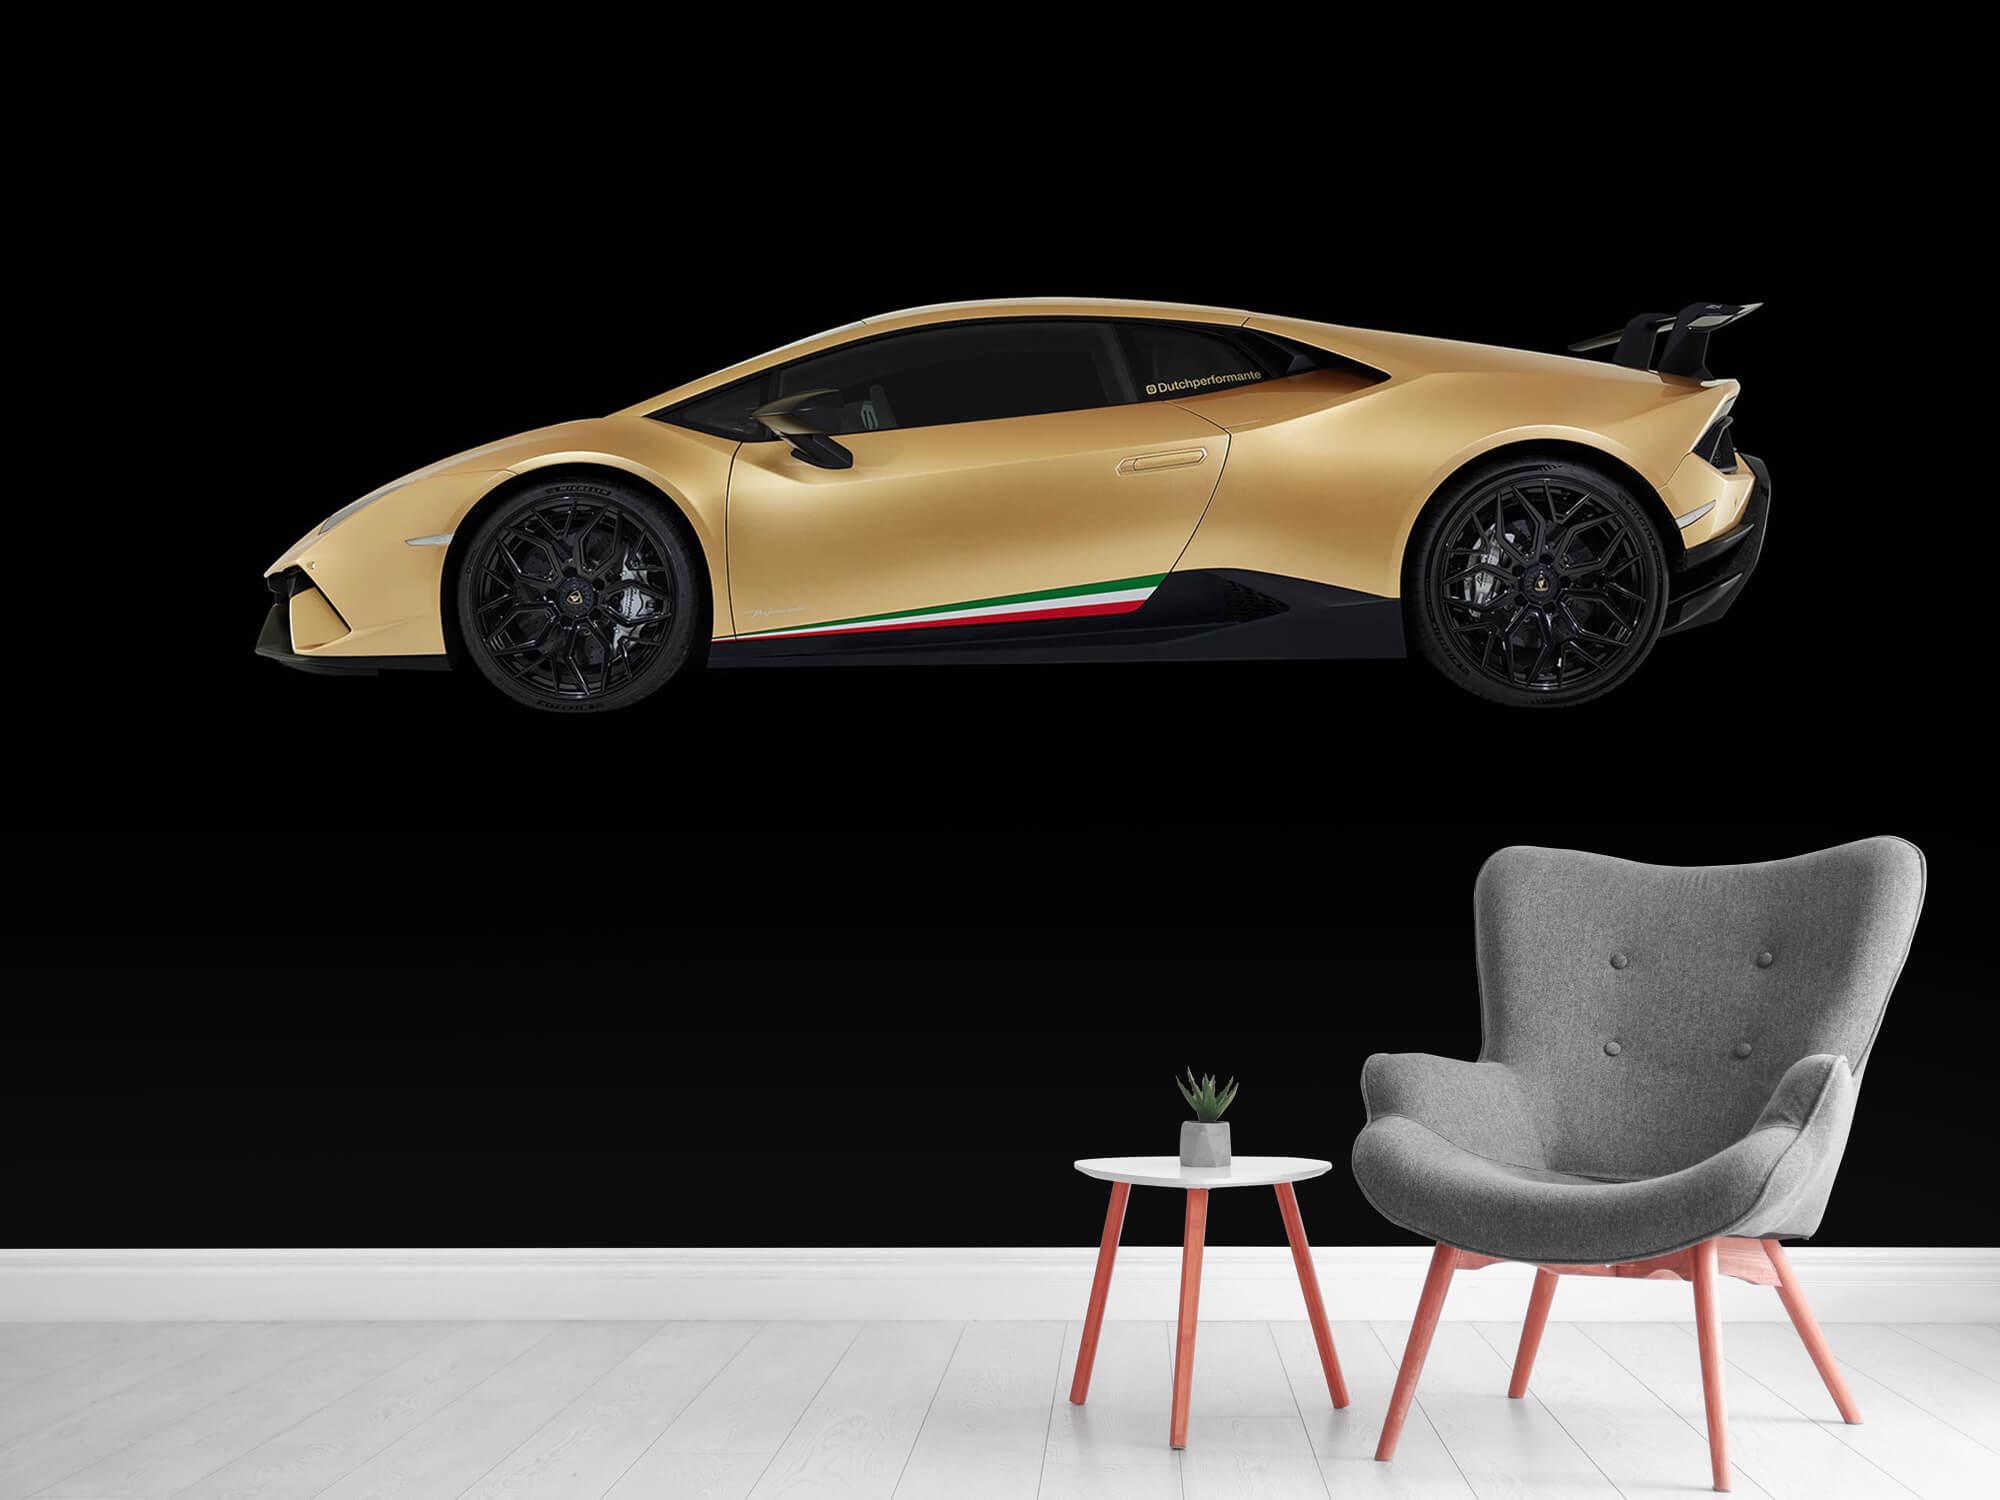 Wallpaper Lamborghini Huracán - Sida, svart 12